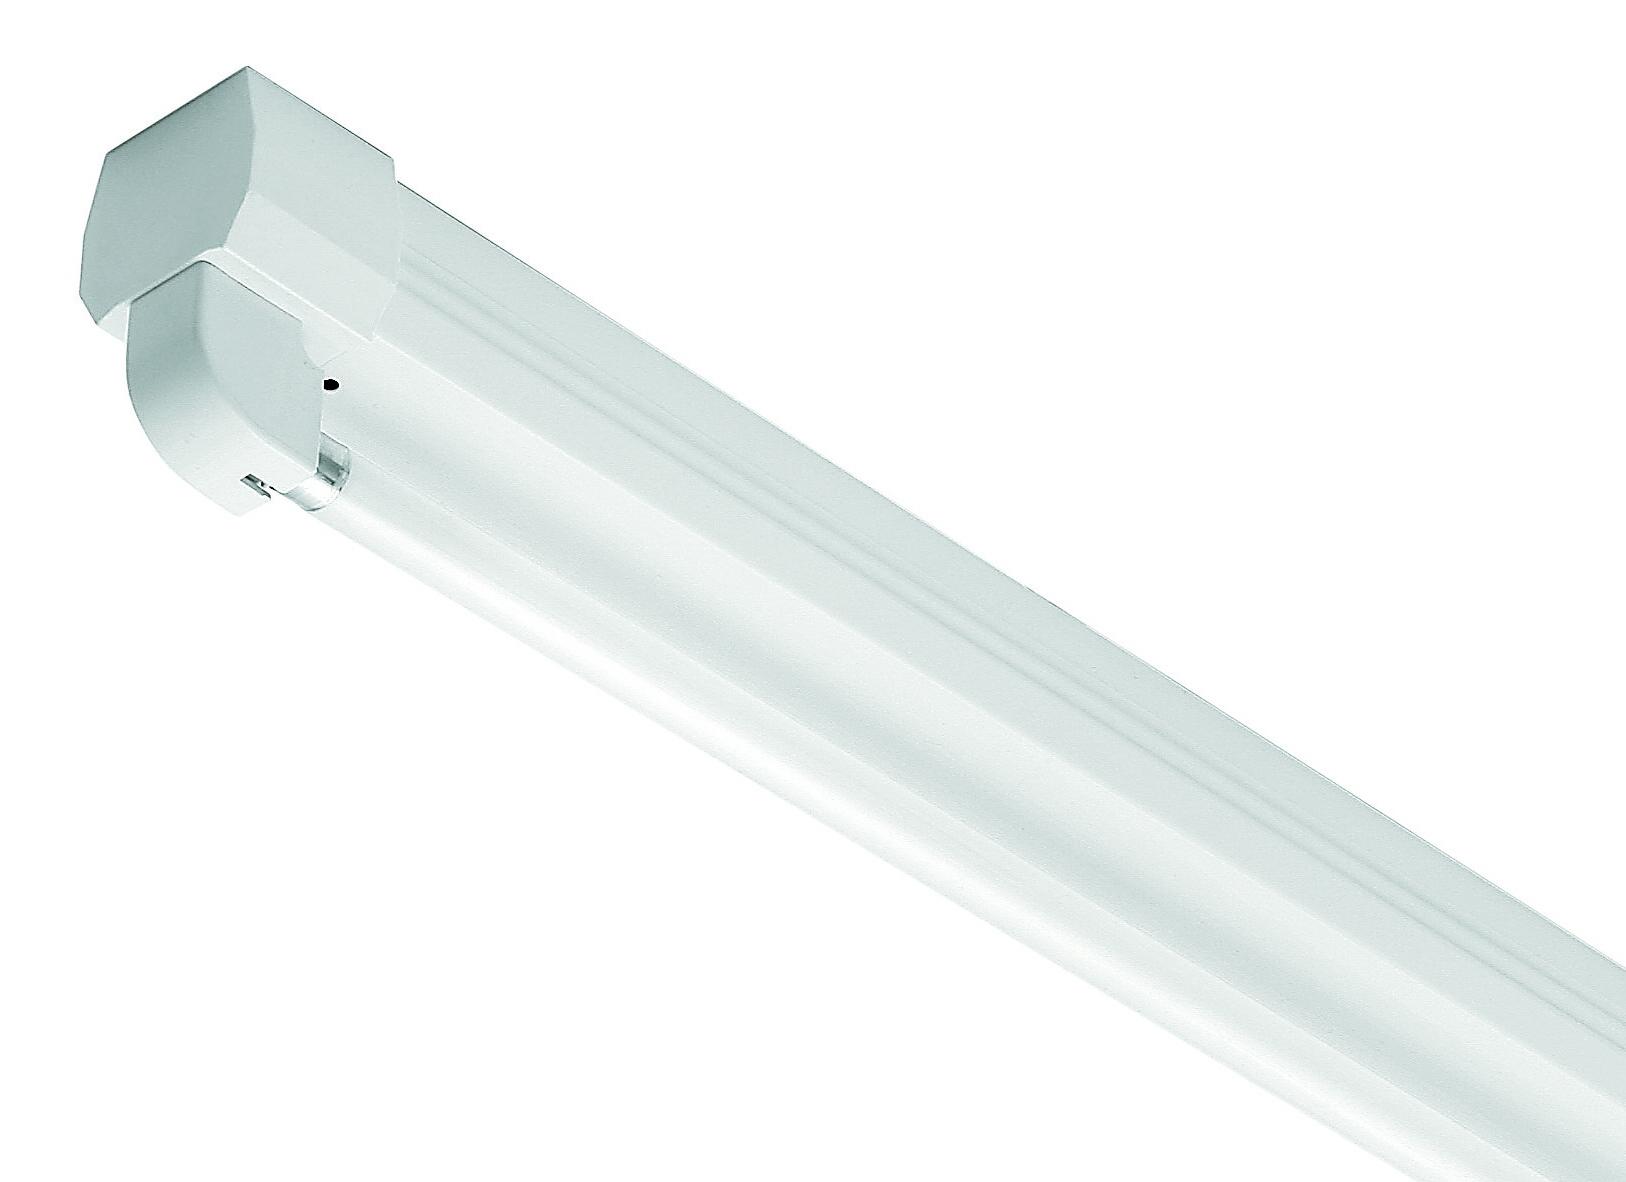 1 Stk Solo 2 T5 1x35W EVG T5 weiß, Einzellichtleiste LI99000150